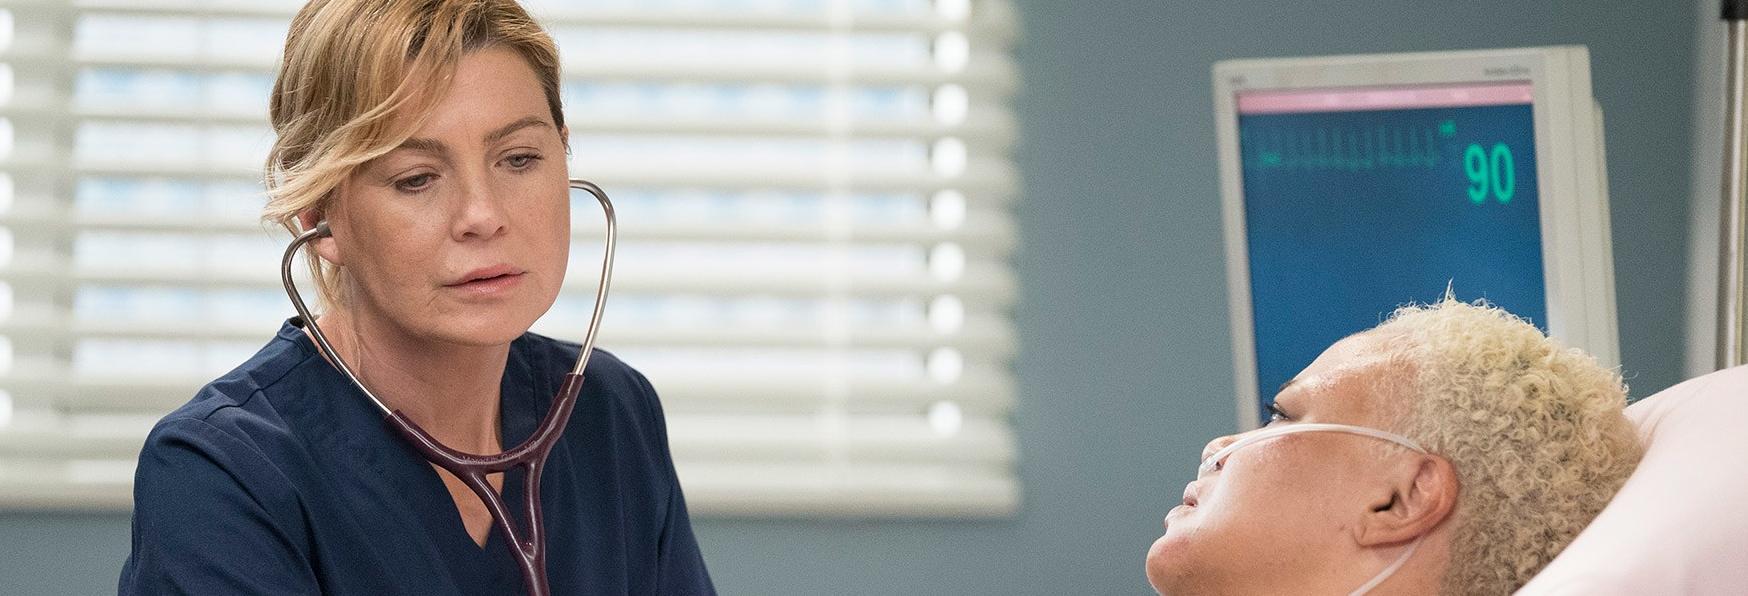 Vento e tempesta a Grey's Anatomy: la recensione di Blowing in the Wind.